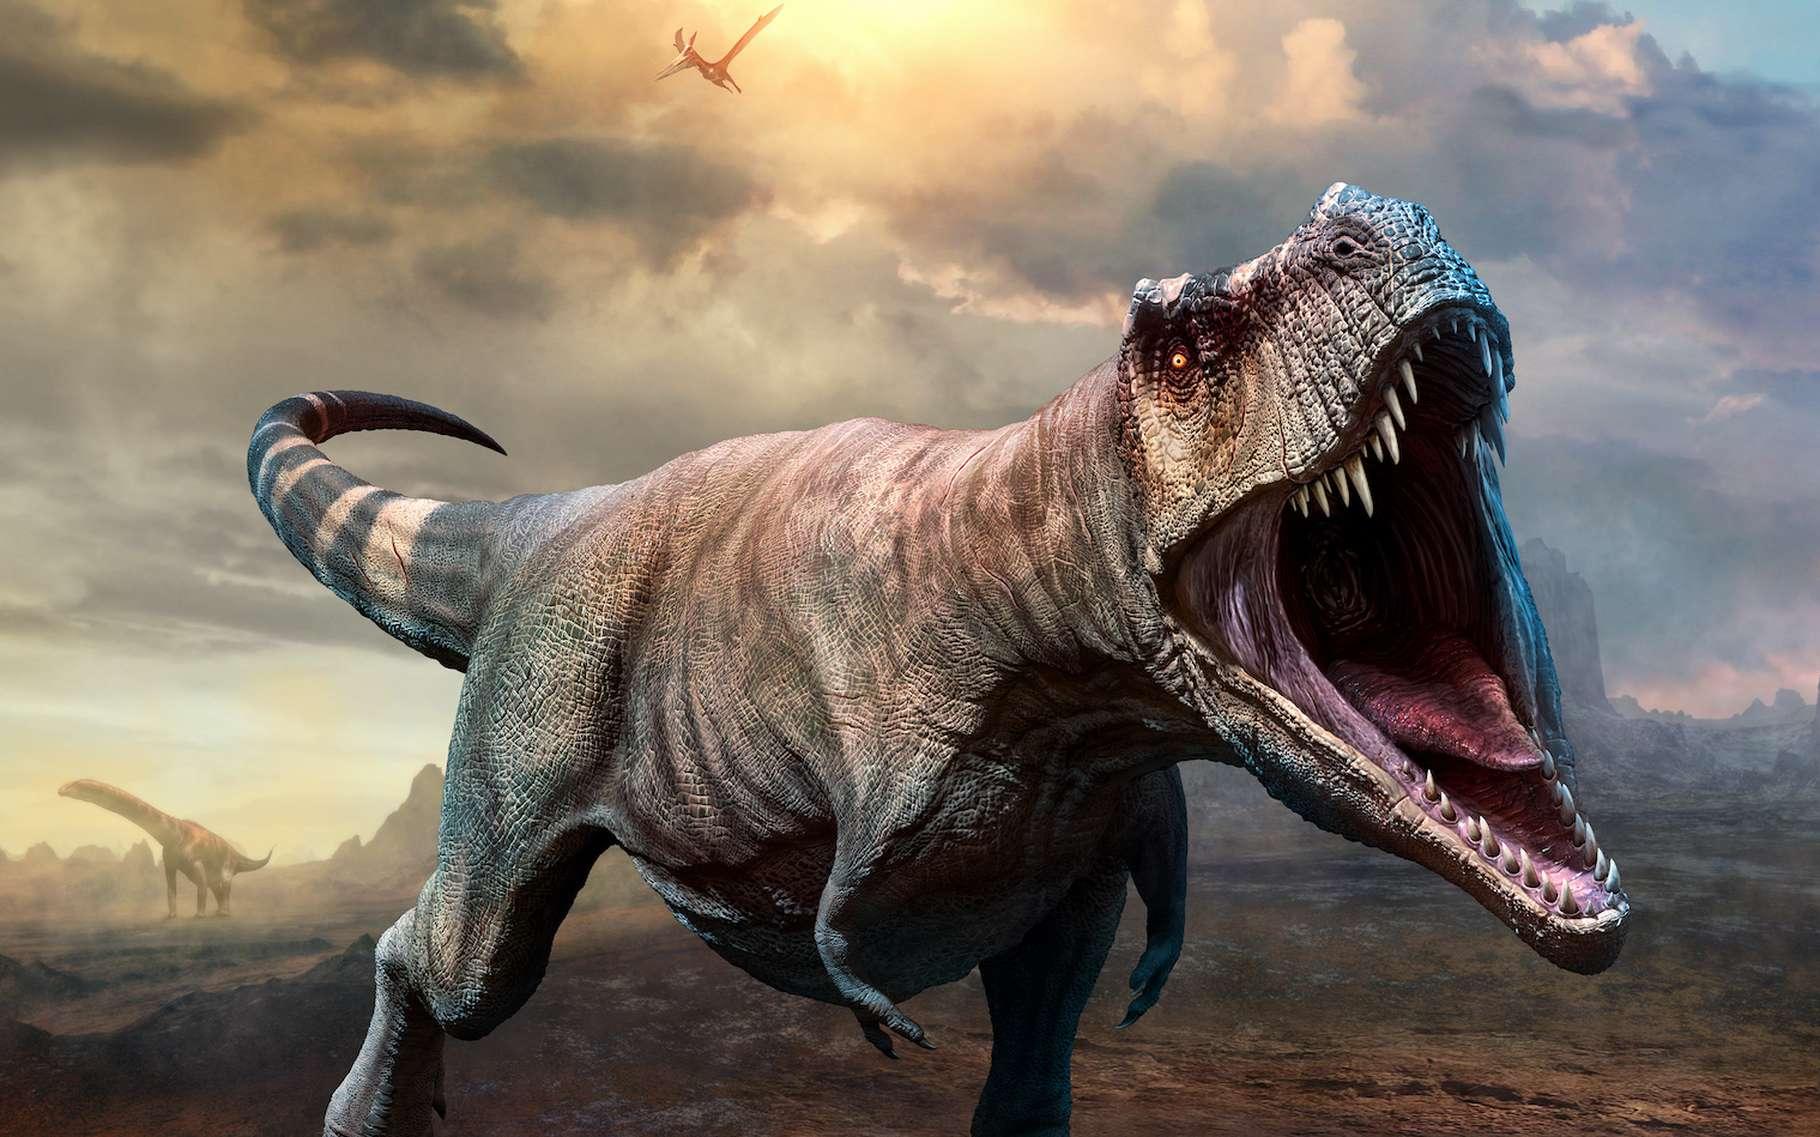 Des chercheurs l'université de l'État de l'Oklahoma (États-Unis) mettent fin au mythe du Nanotyrannus. Les fossiles retrouvés n'étaient autres que ceux de jeunes Tyrannosaurus rex. © warpaintcobra, Adobe Stock